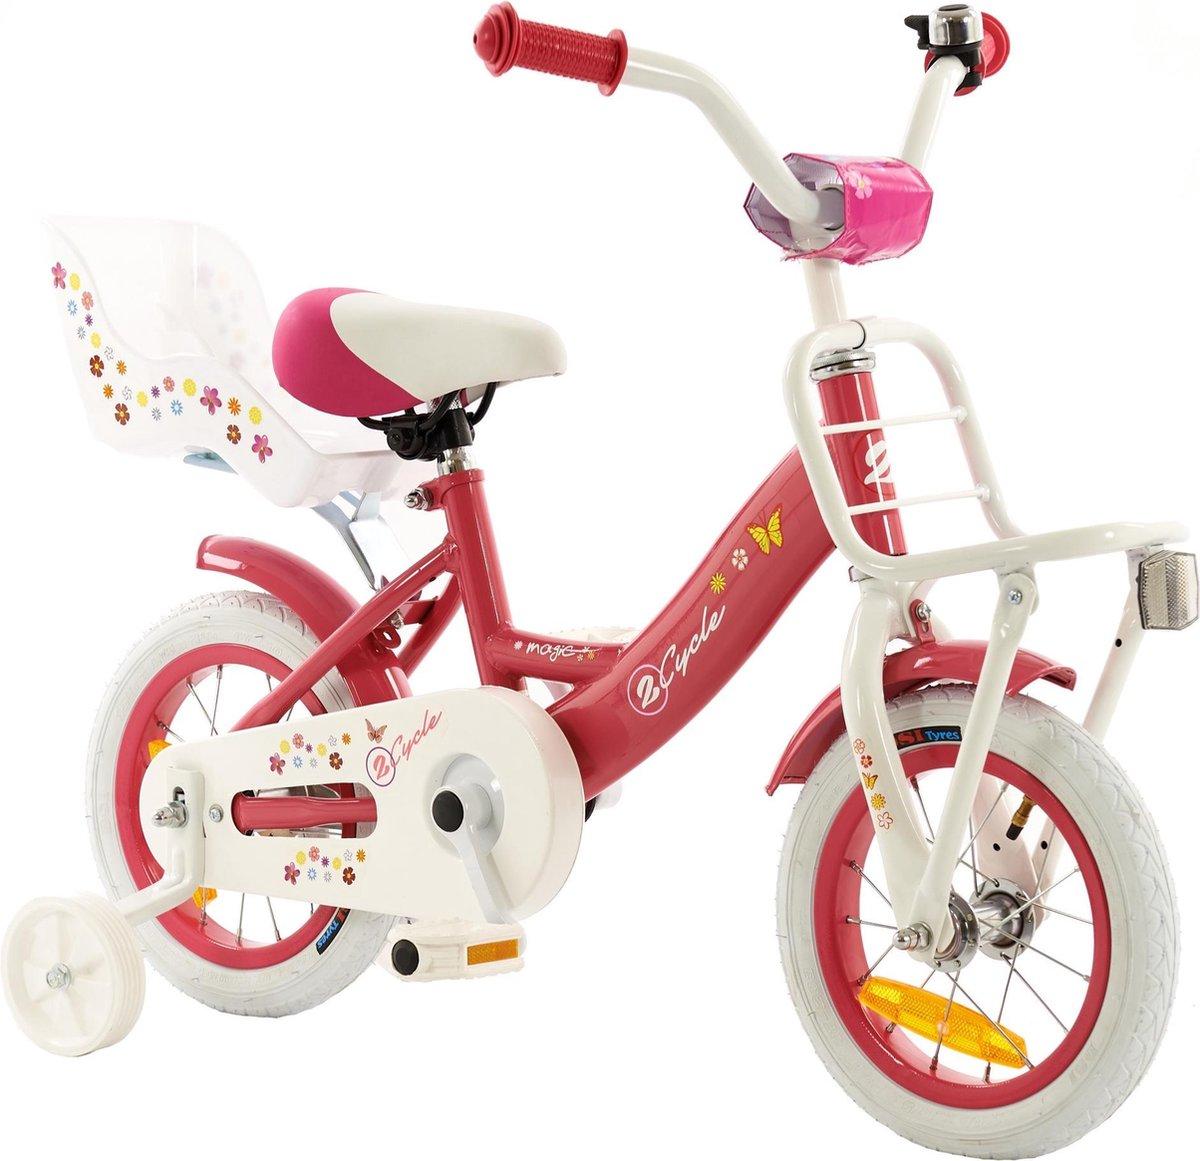 2Cycle Magic Kinderfiets - 12 inch - Poppenzitje - Roze - Meisjesfiets